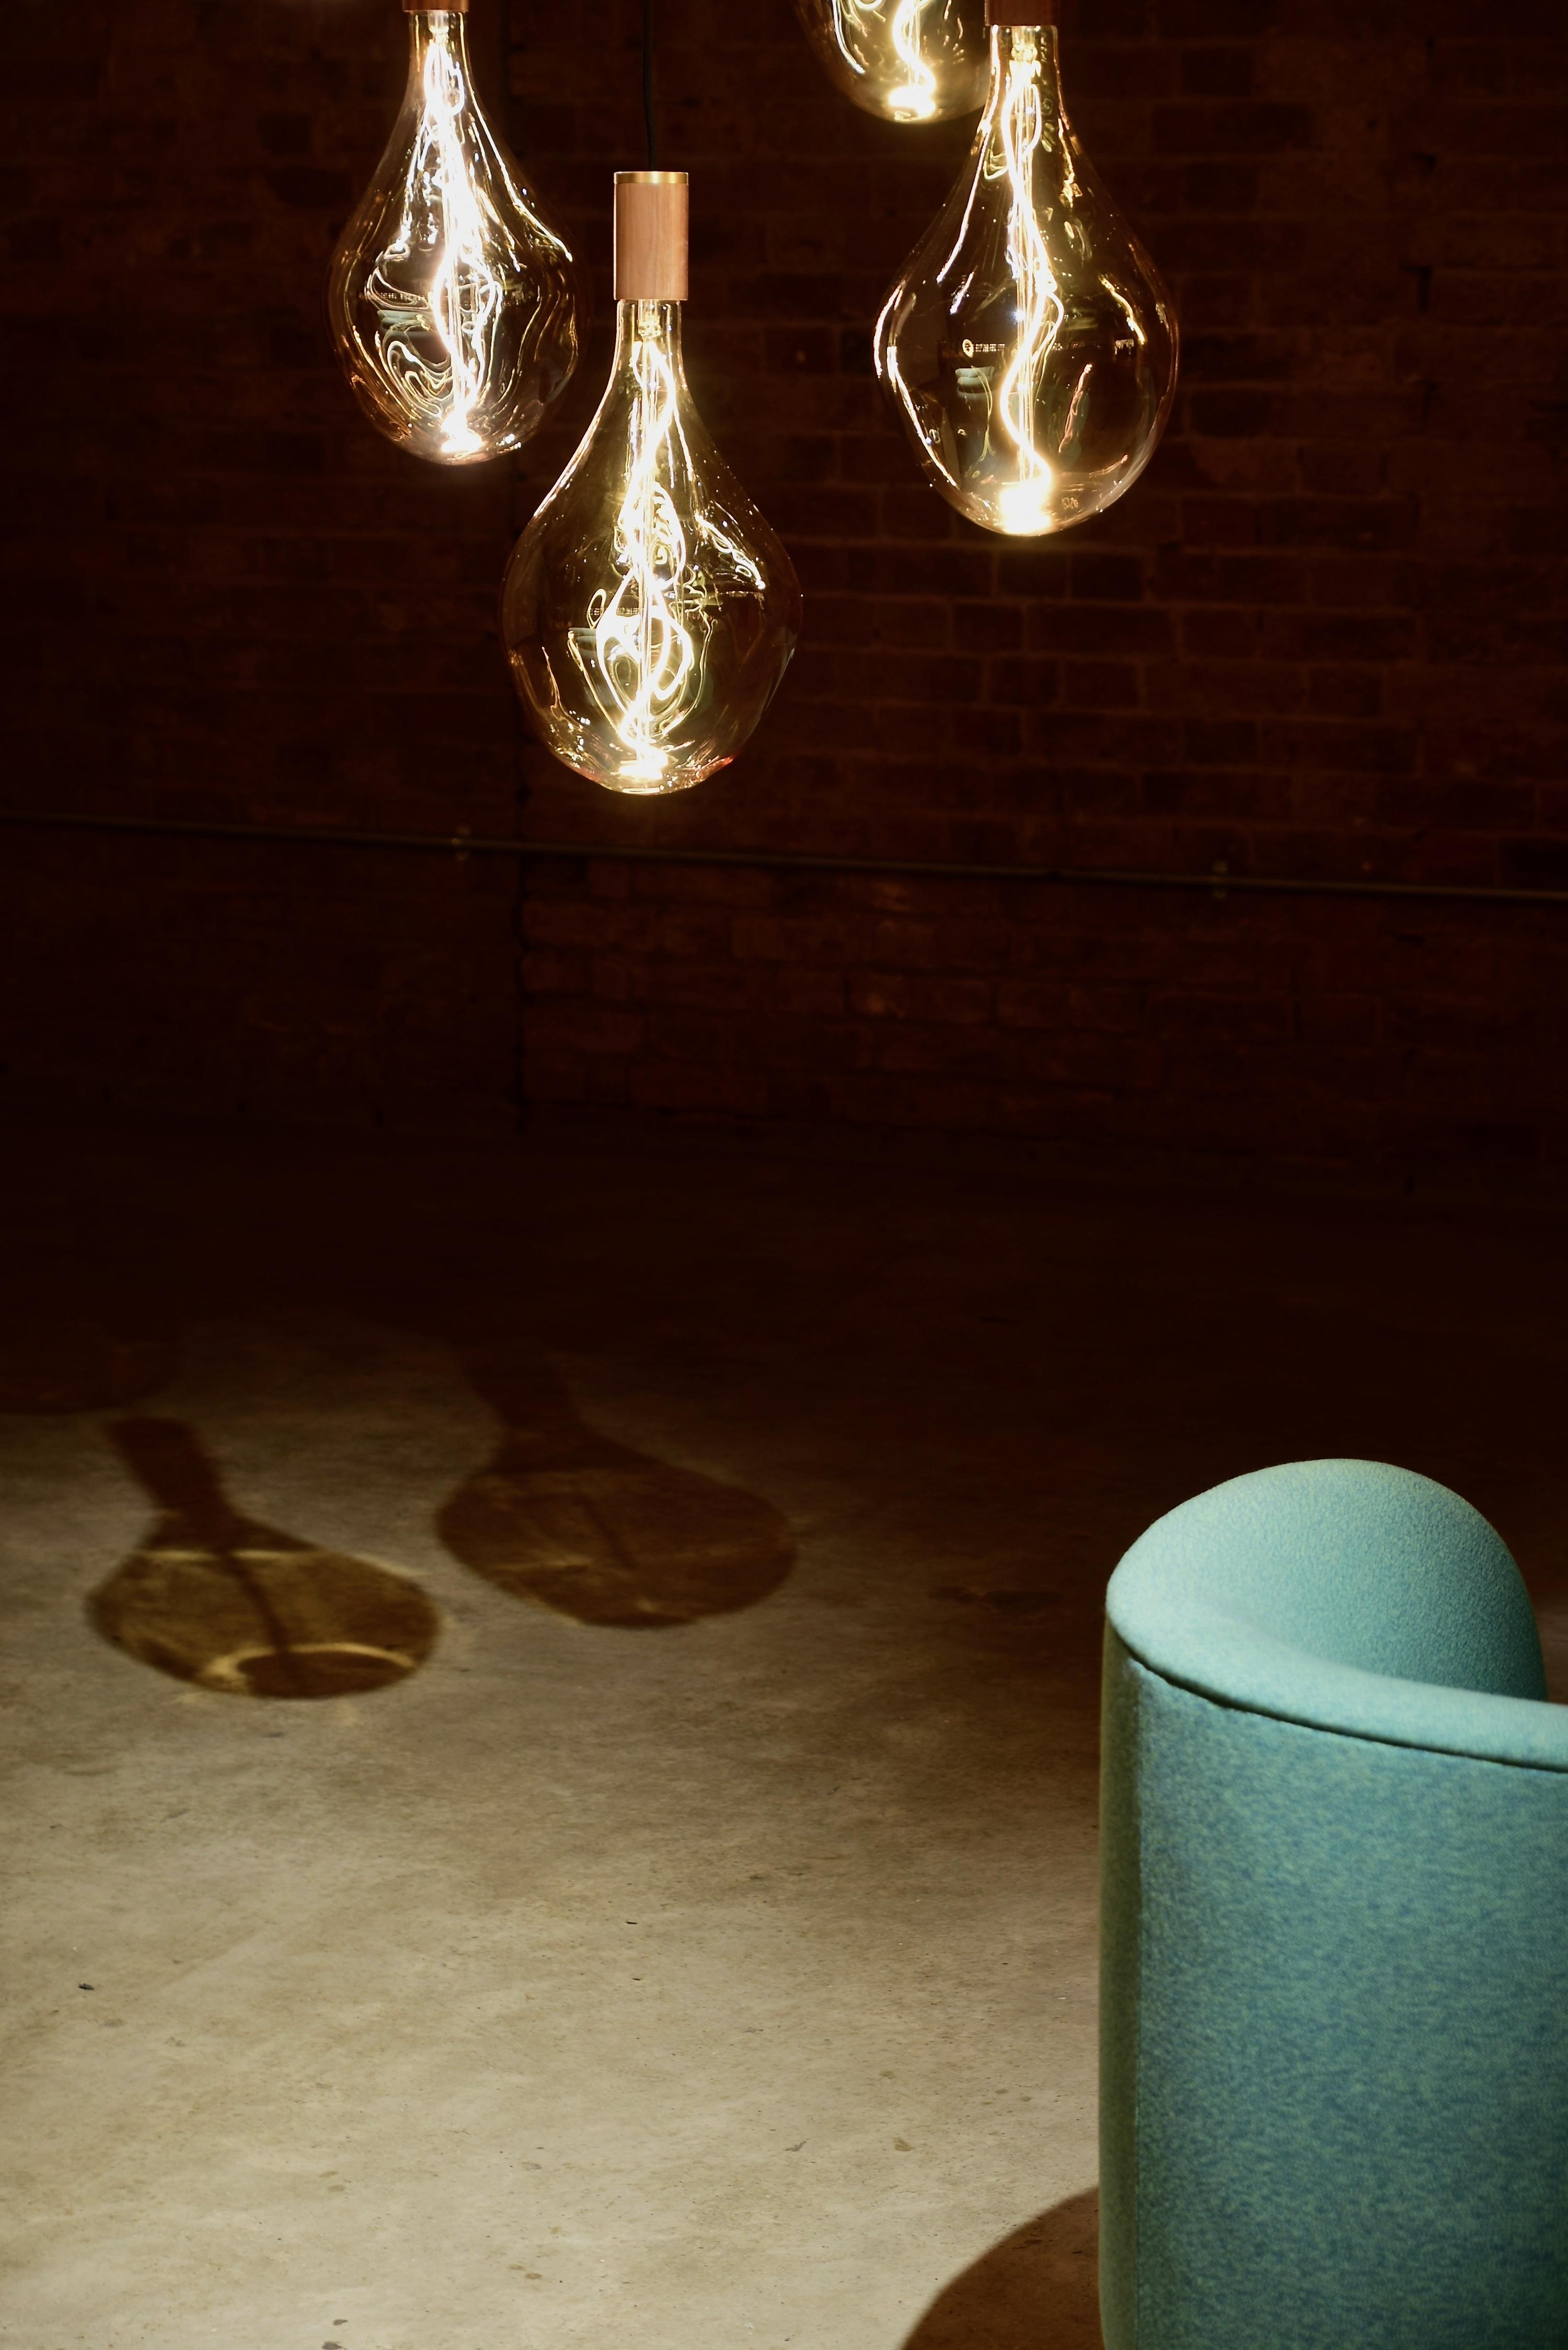 Four Hanging Light Bulbs Beside Chair